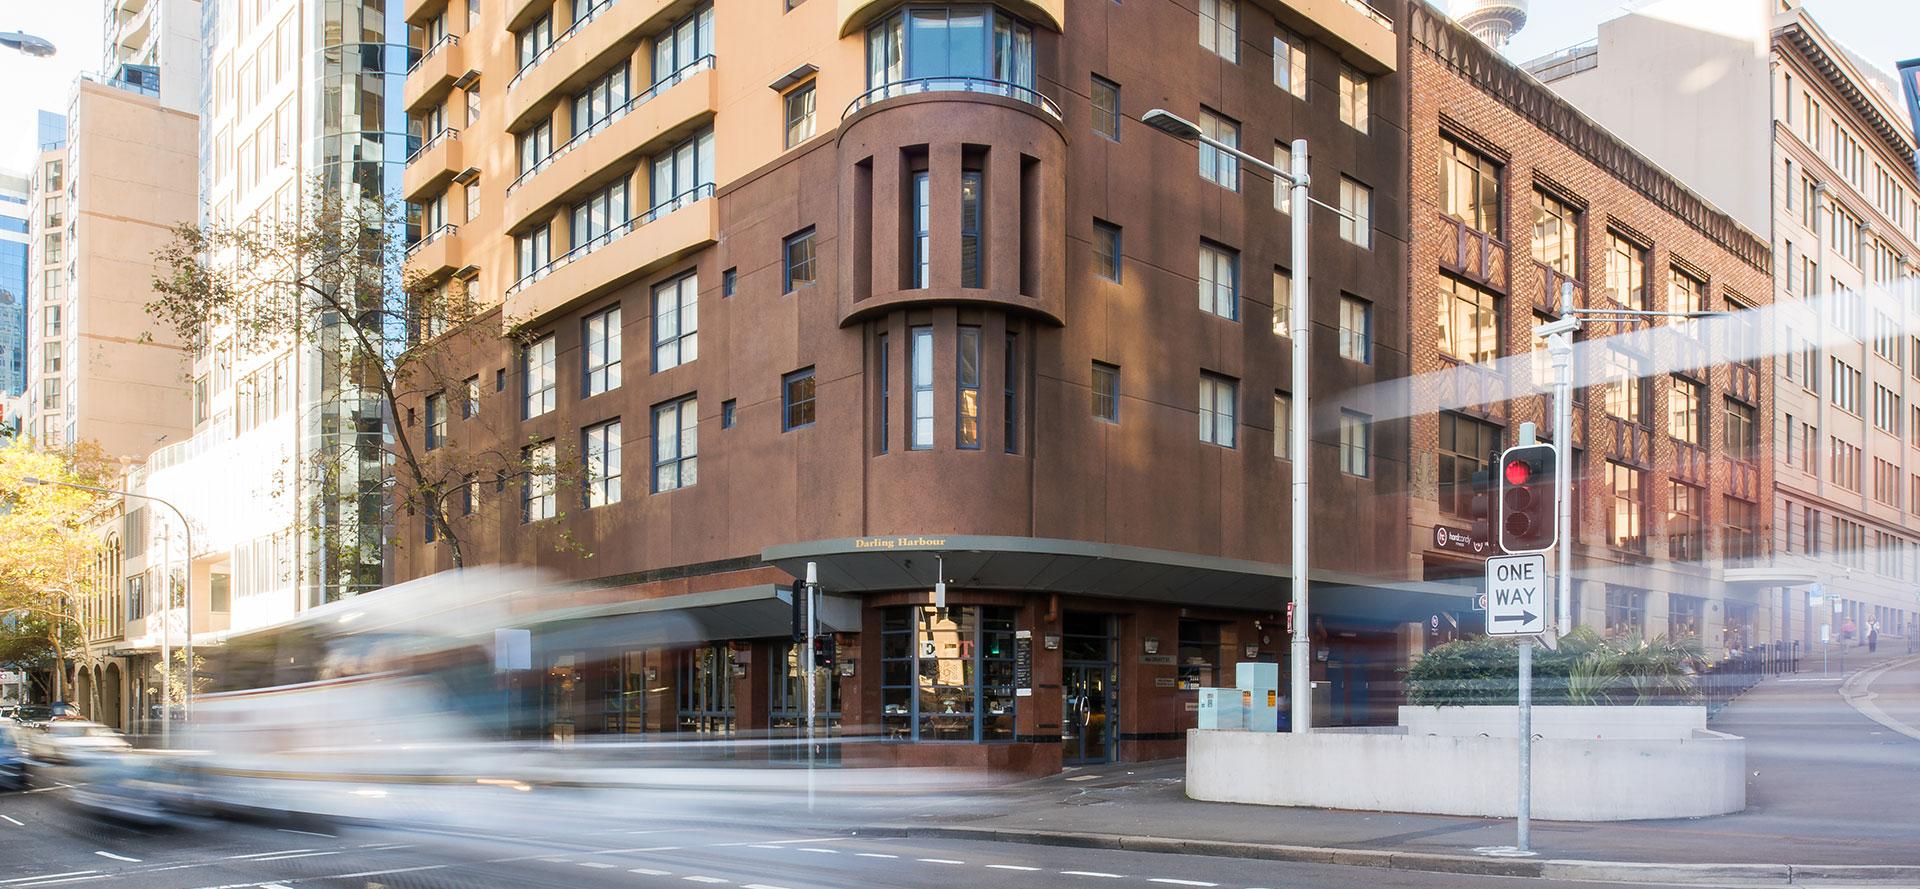 【特惠】澳大利亚悉尼酒店3晚连住套餐